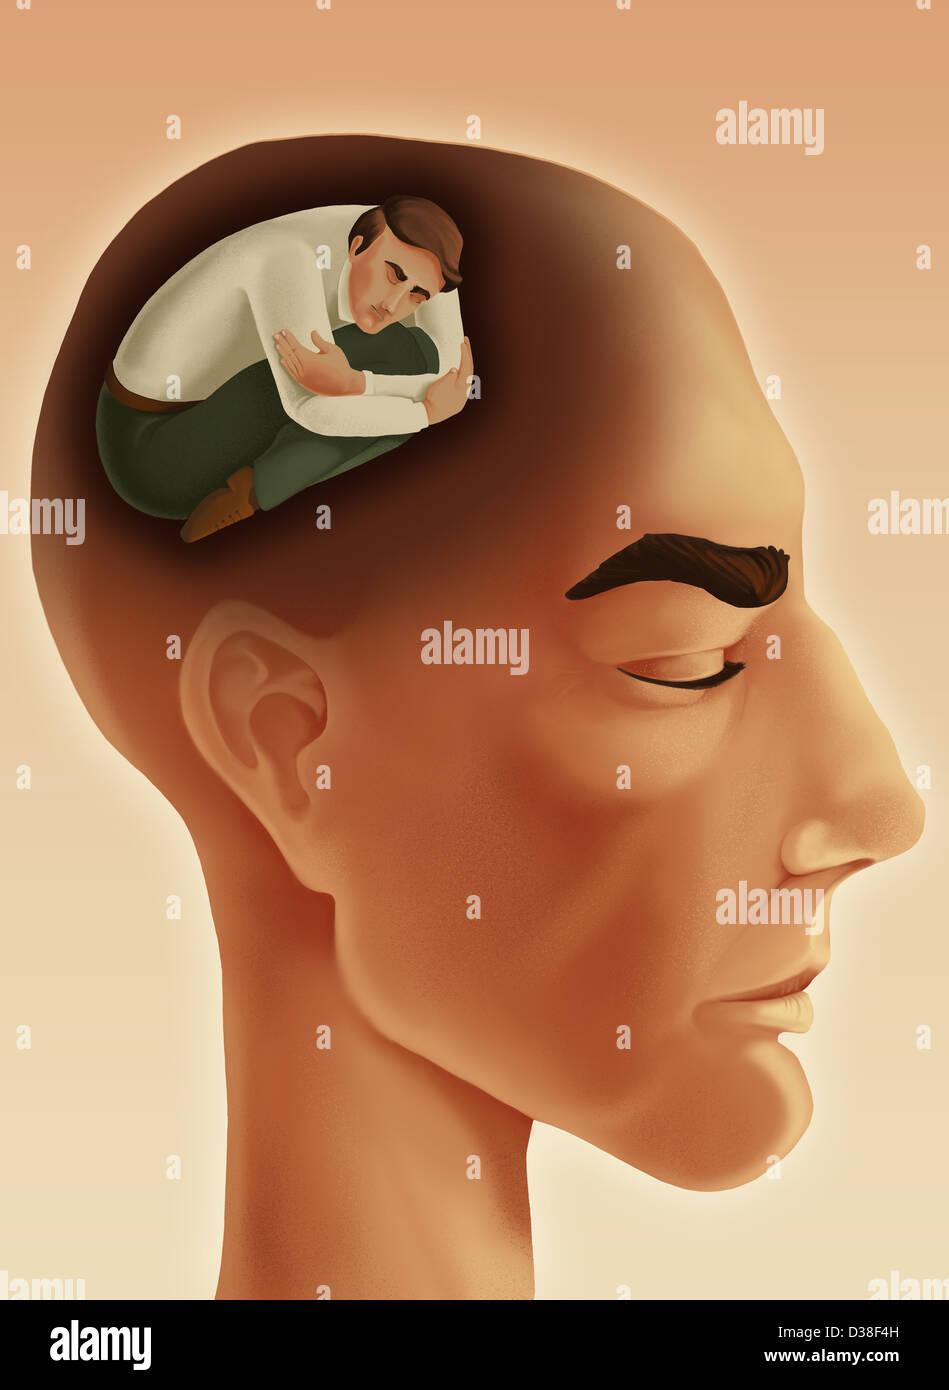 Anschauliches Bild von nachdenklicher Mann mit Augen geschlossen vertreten introvertierte Persönlichkeit Stockfoto